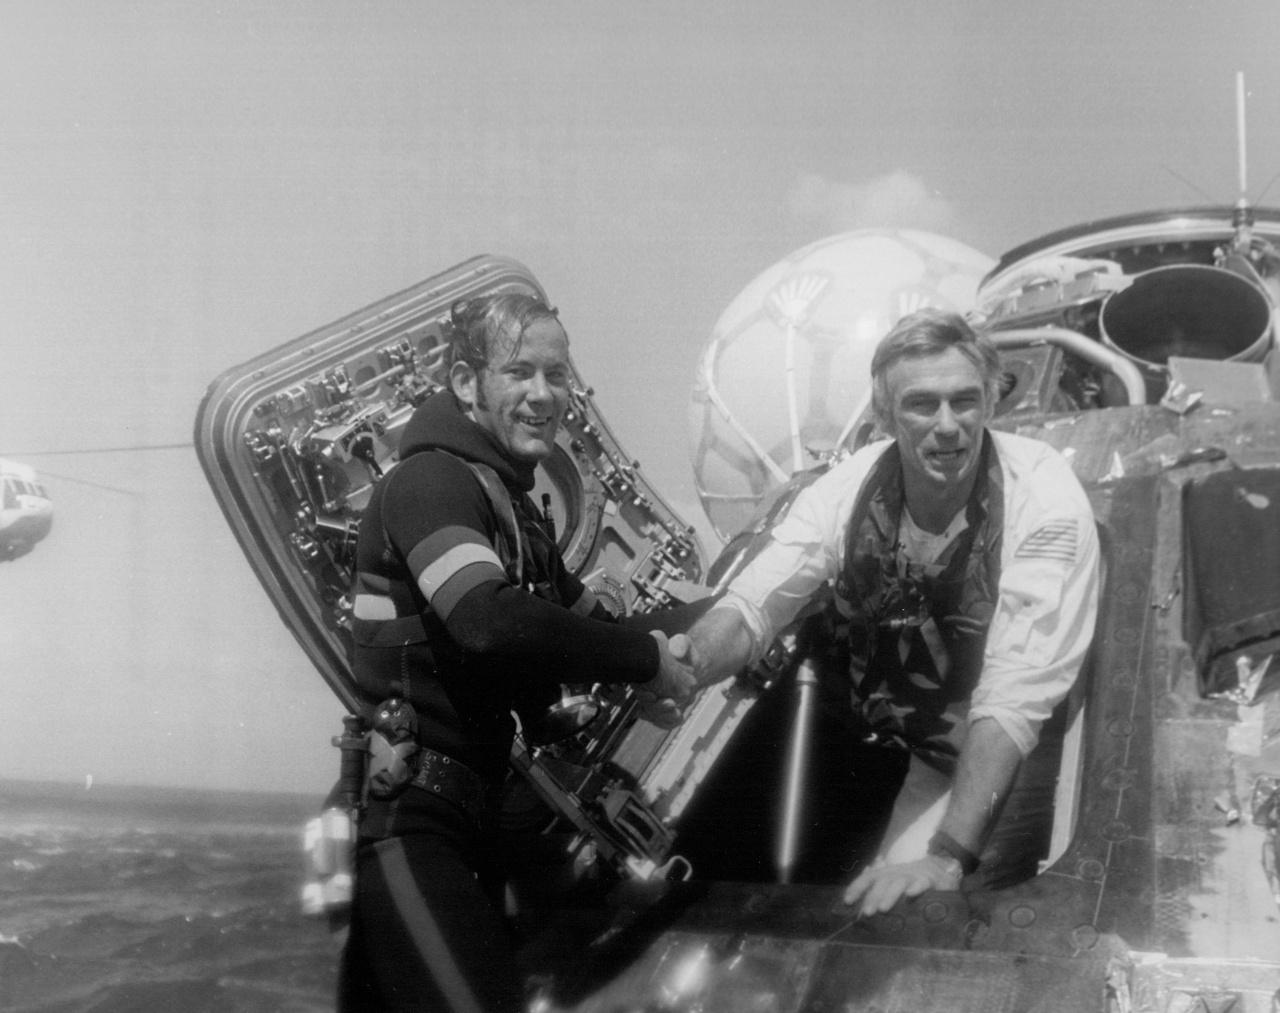 Landolás után a haditengerészet búvára segít Cernannak kiszállni a parancsnoki modulból.